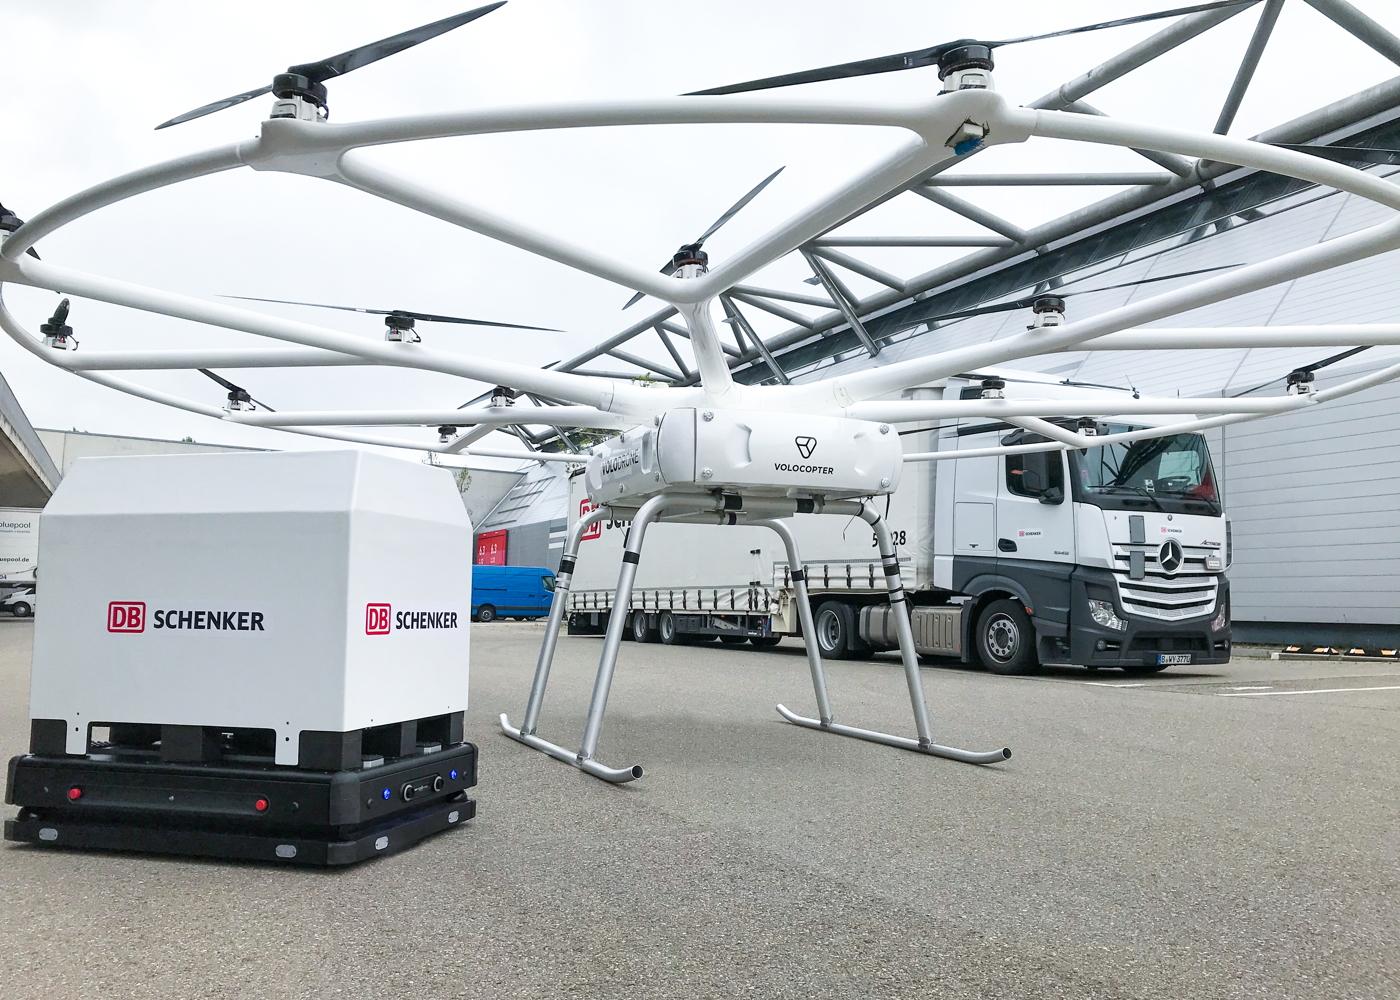 Volocopter DB Schenker VoloDrone